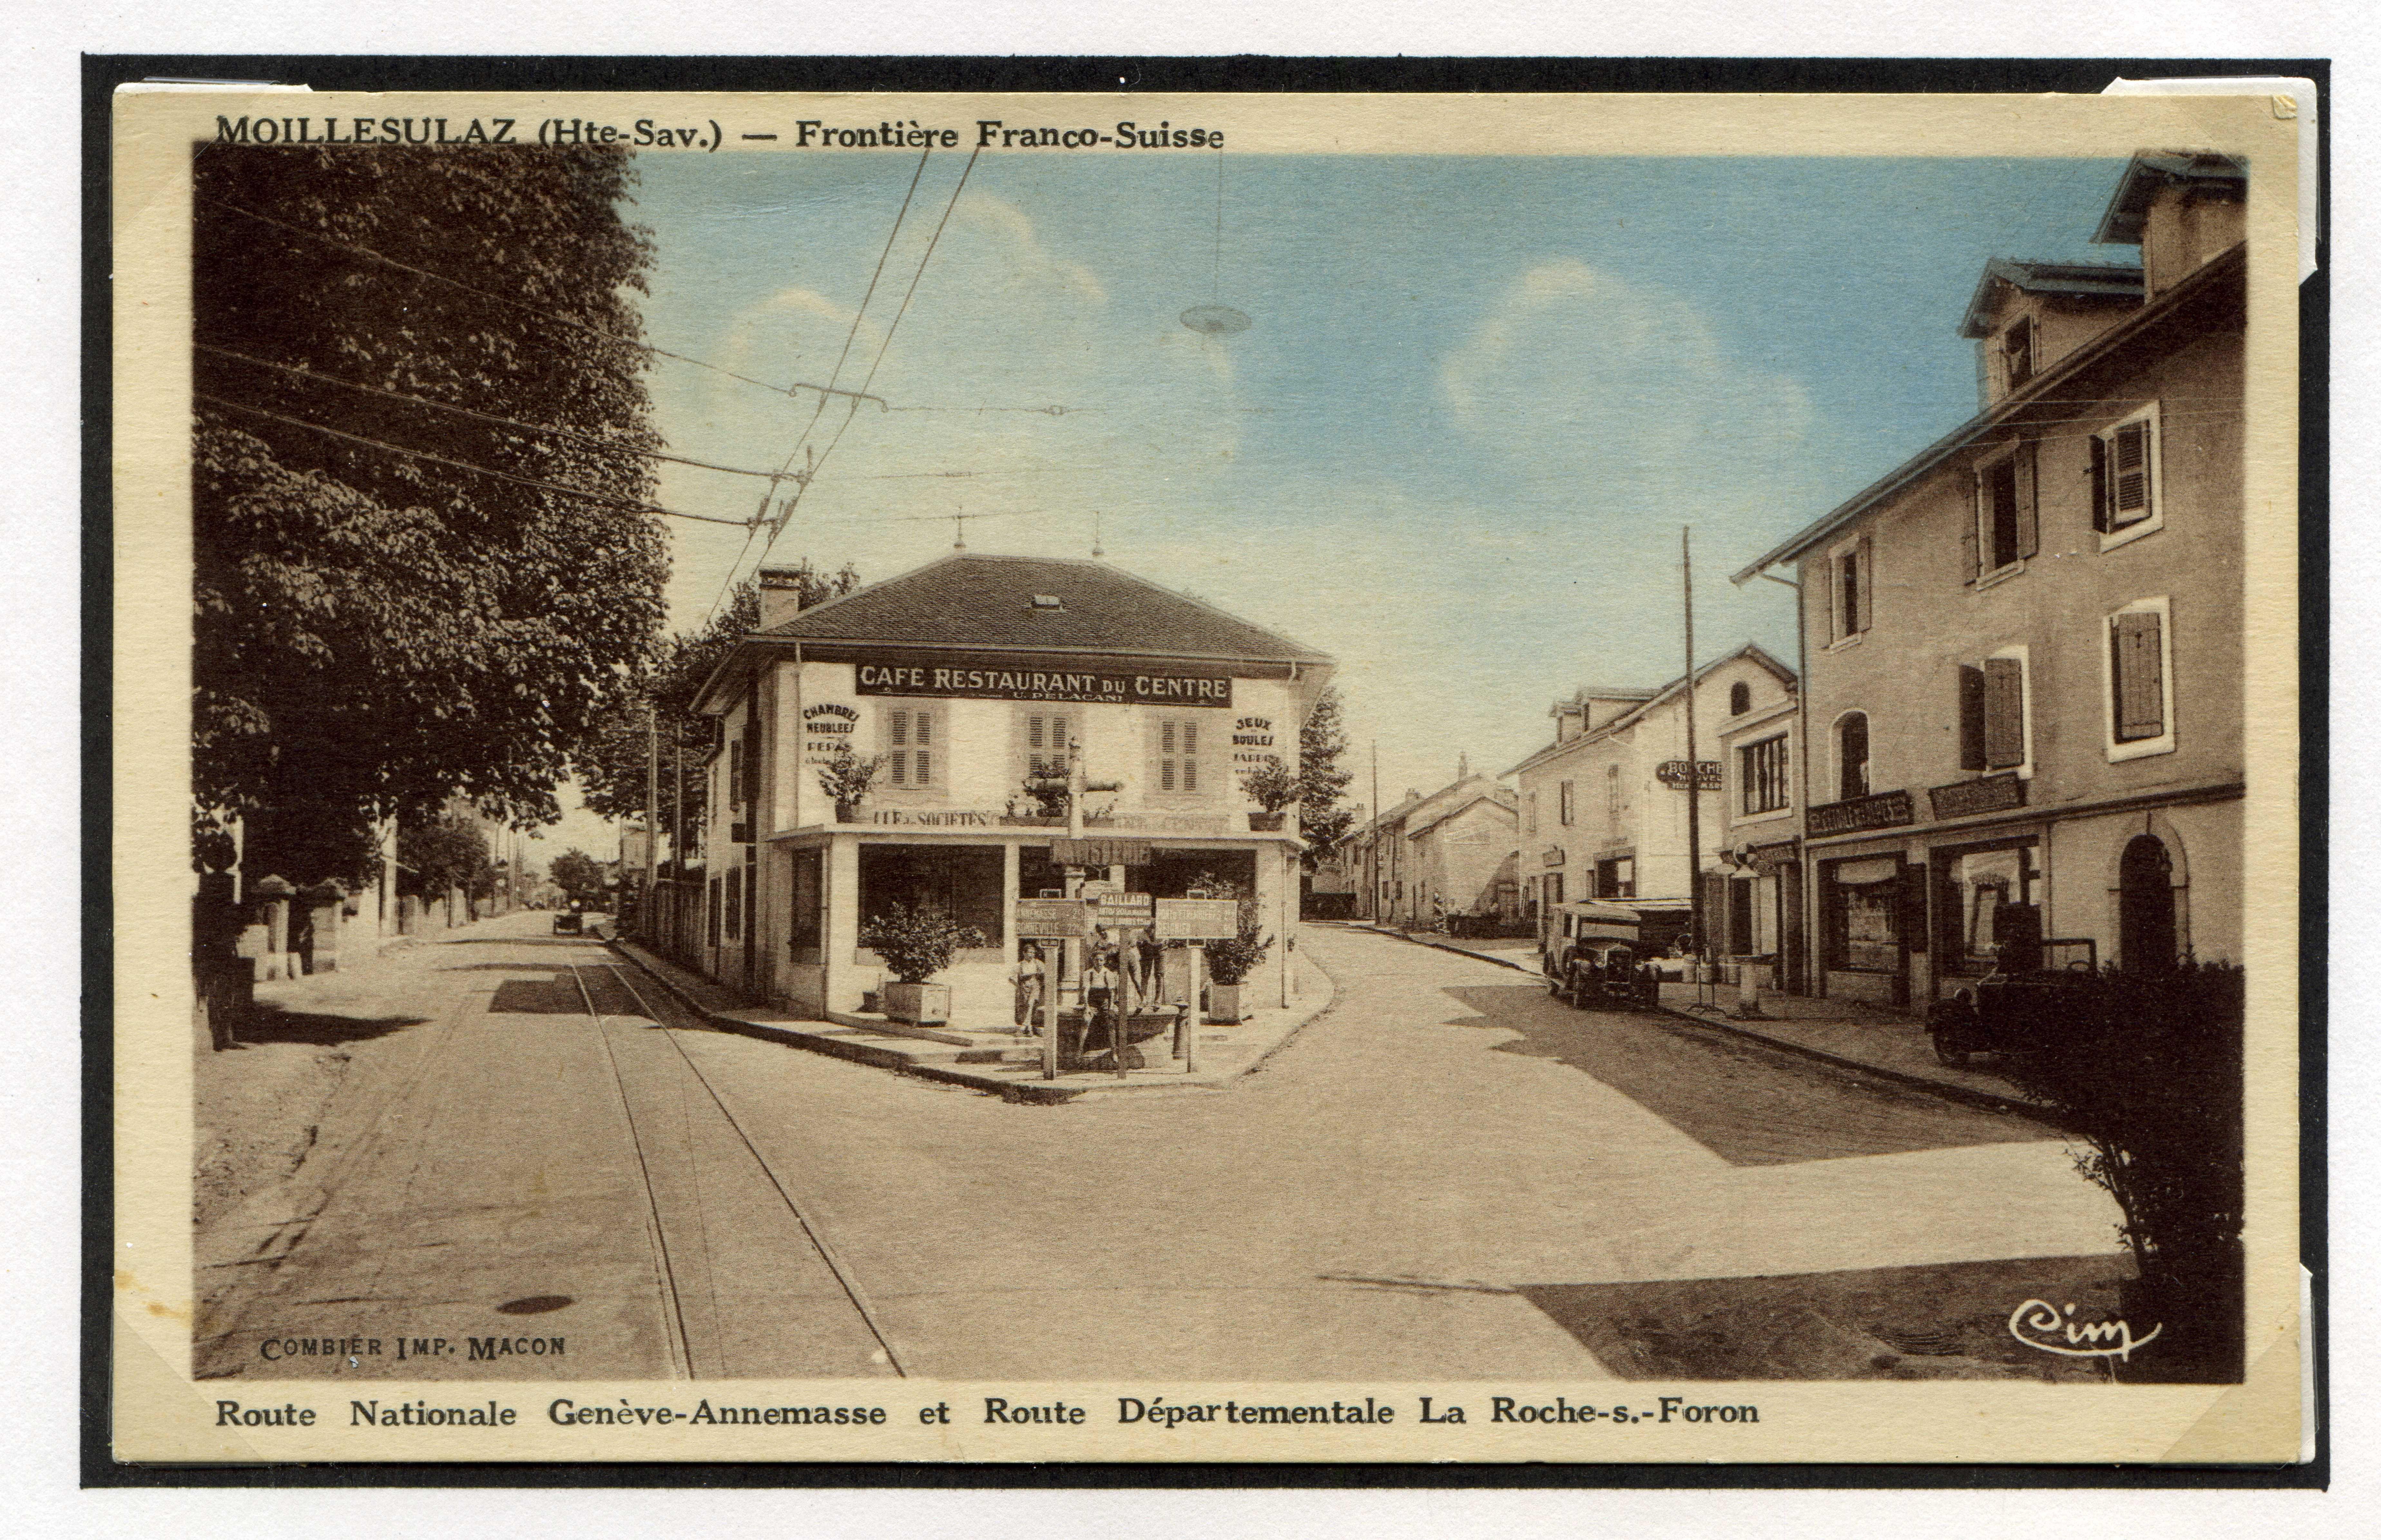 Route Nationale Genève – Annemasse et Route Départementale La Roche-s.-Foron